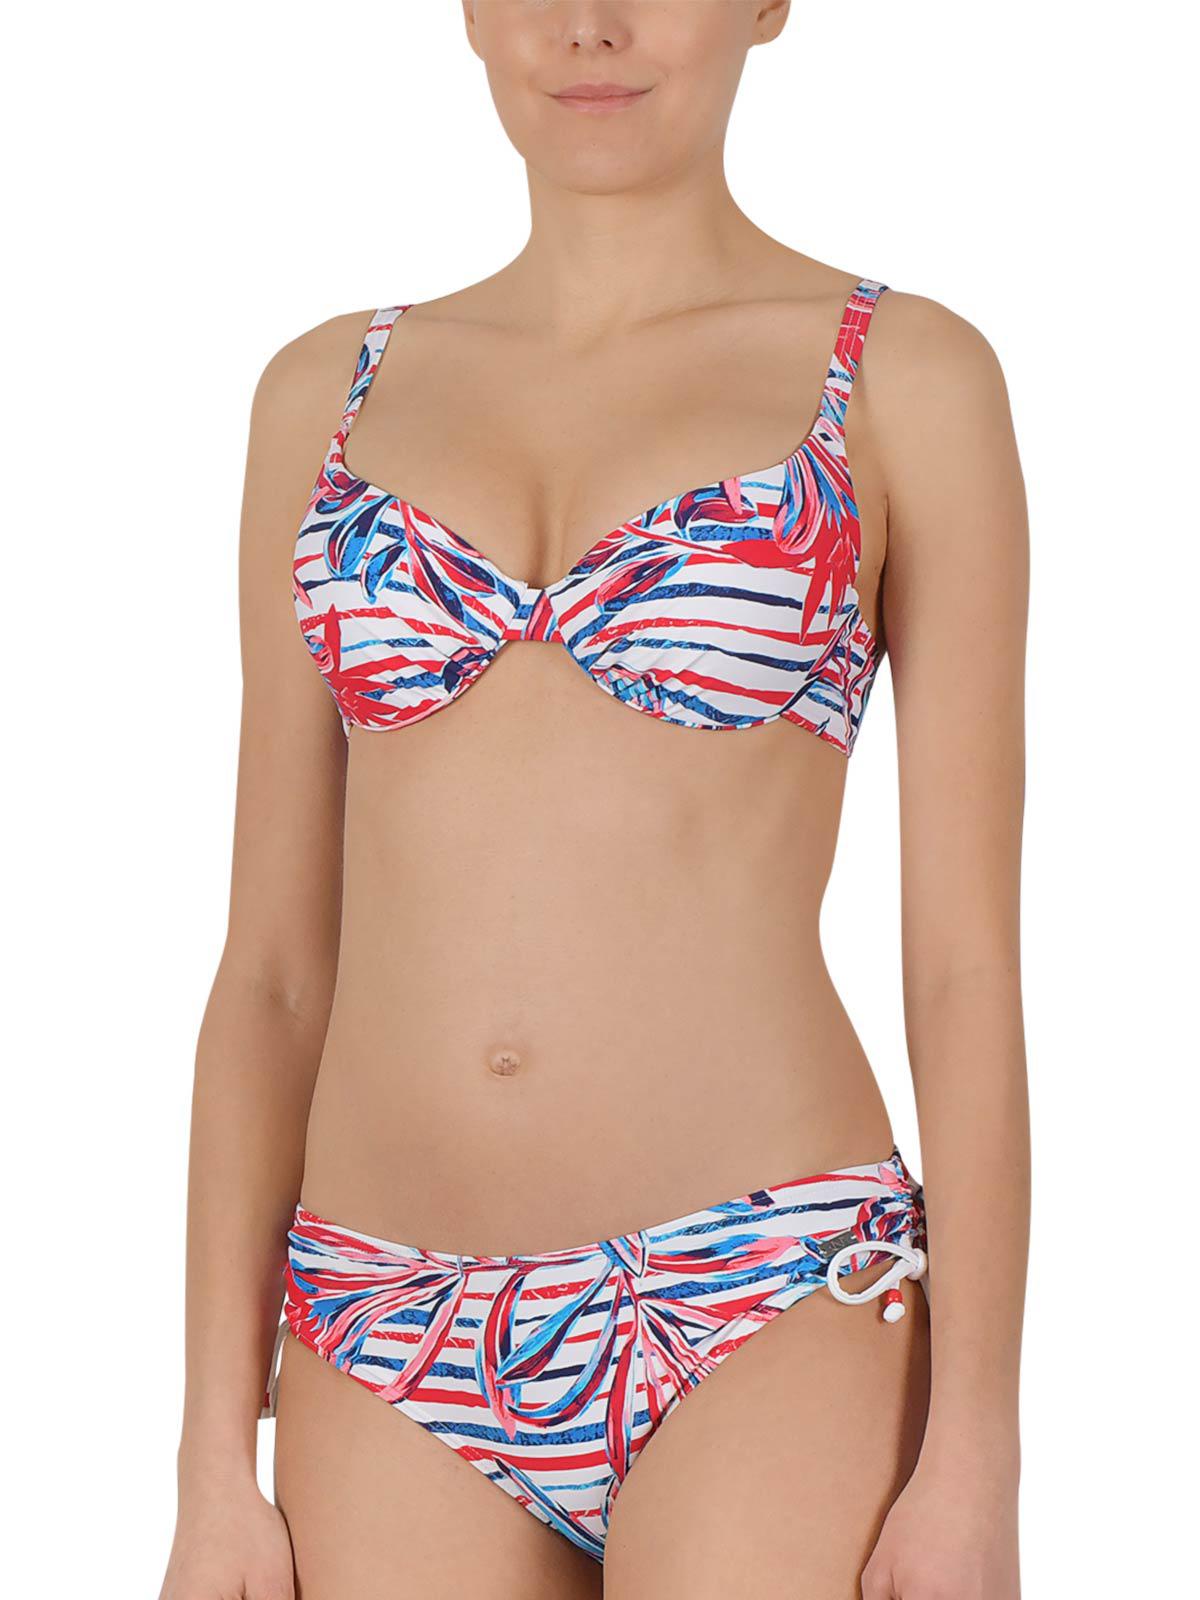 NATURANA Bügel-Bikini mit Schale 72500 Gr. 36-46 B-E